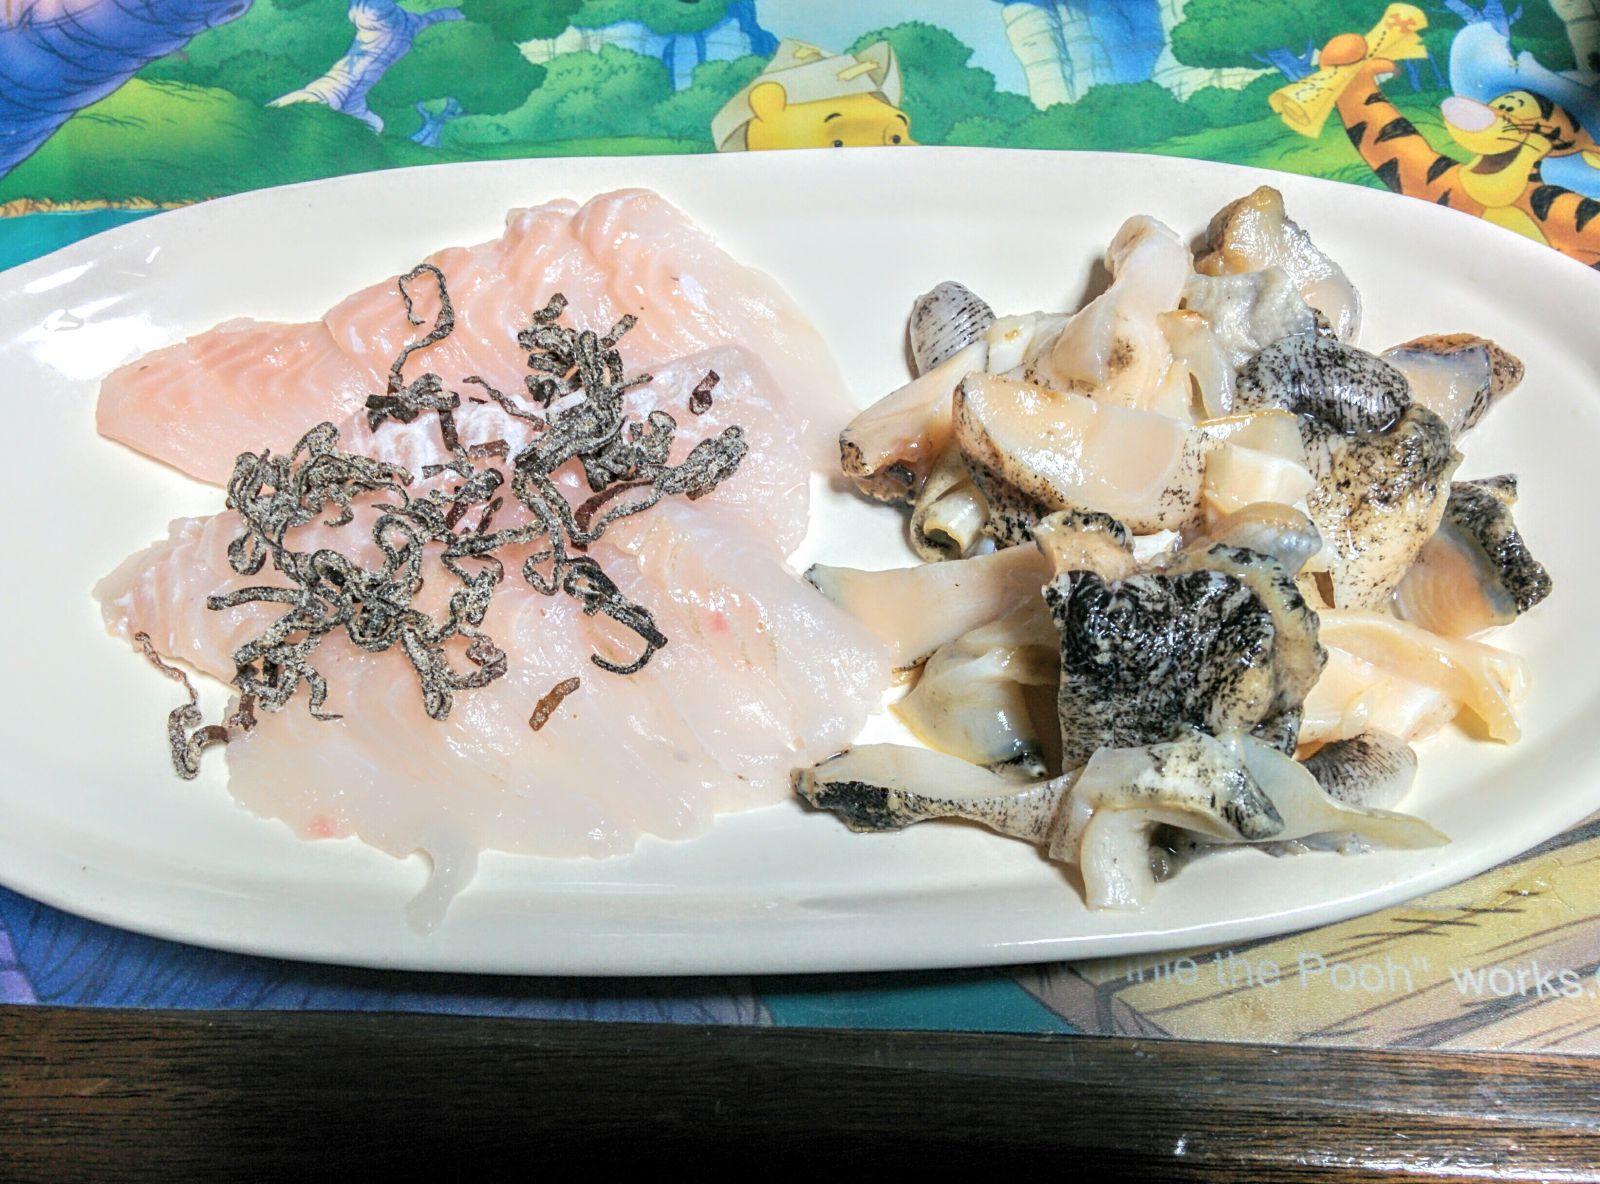 【小樽】ツブ貝の刺身と赤ガレイの塩昆布乗せ刺身です。